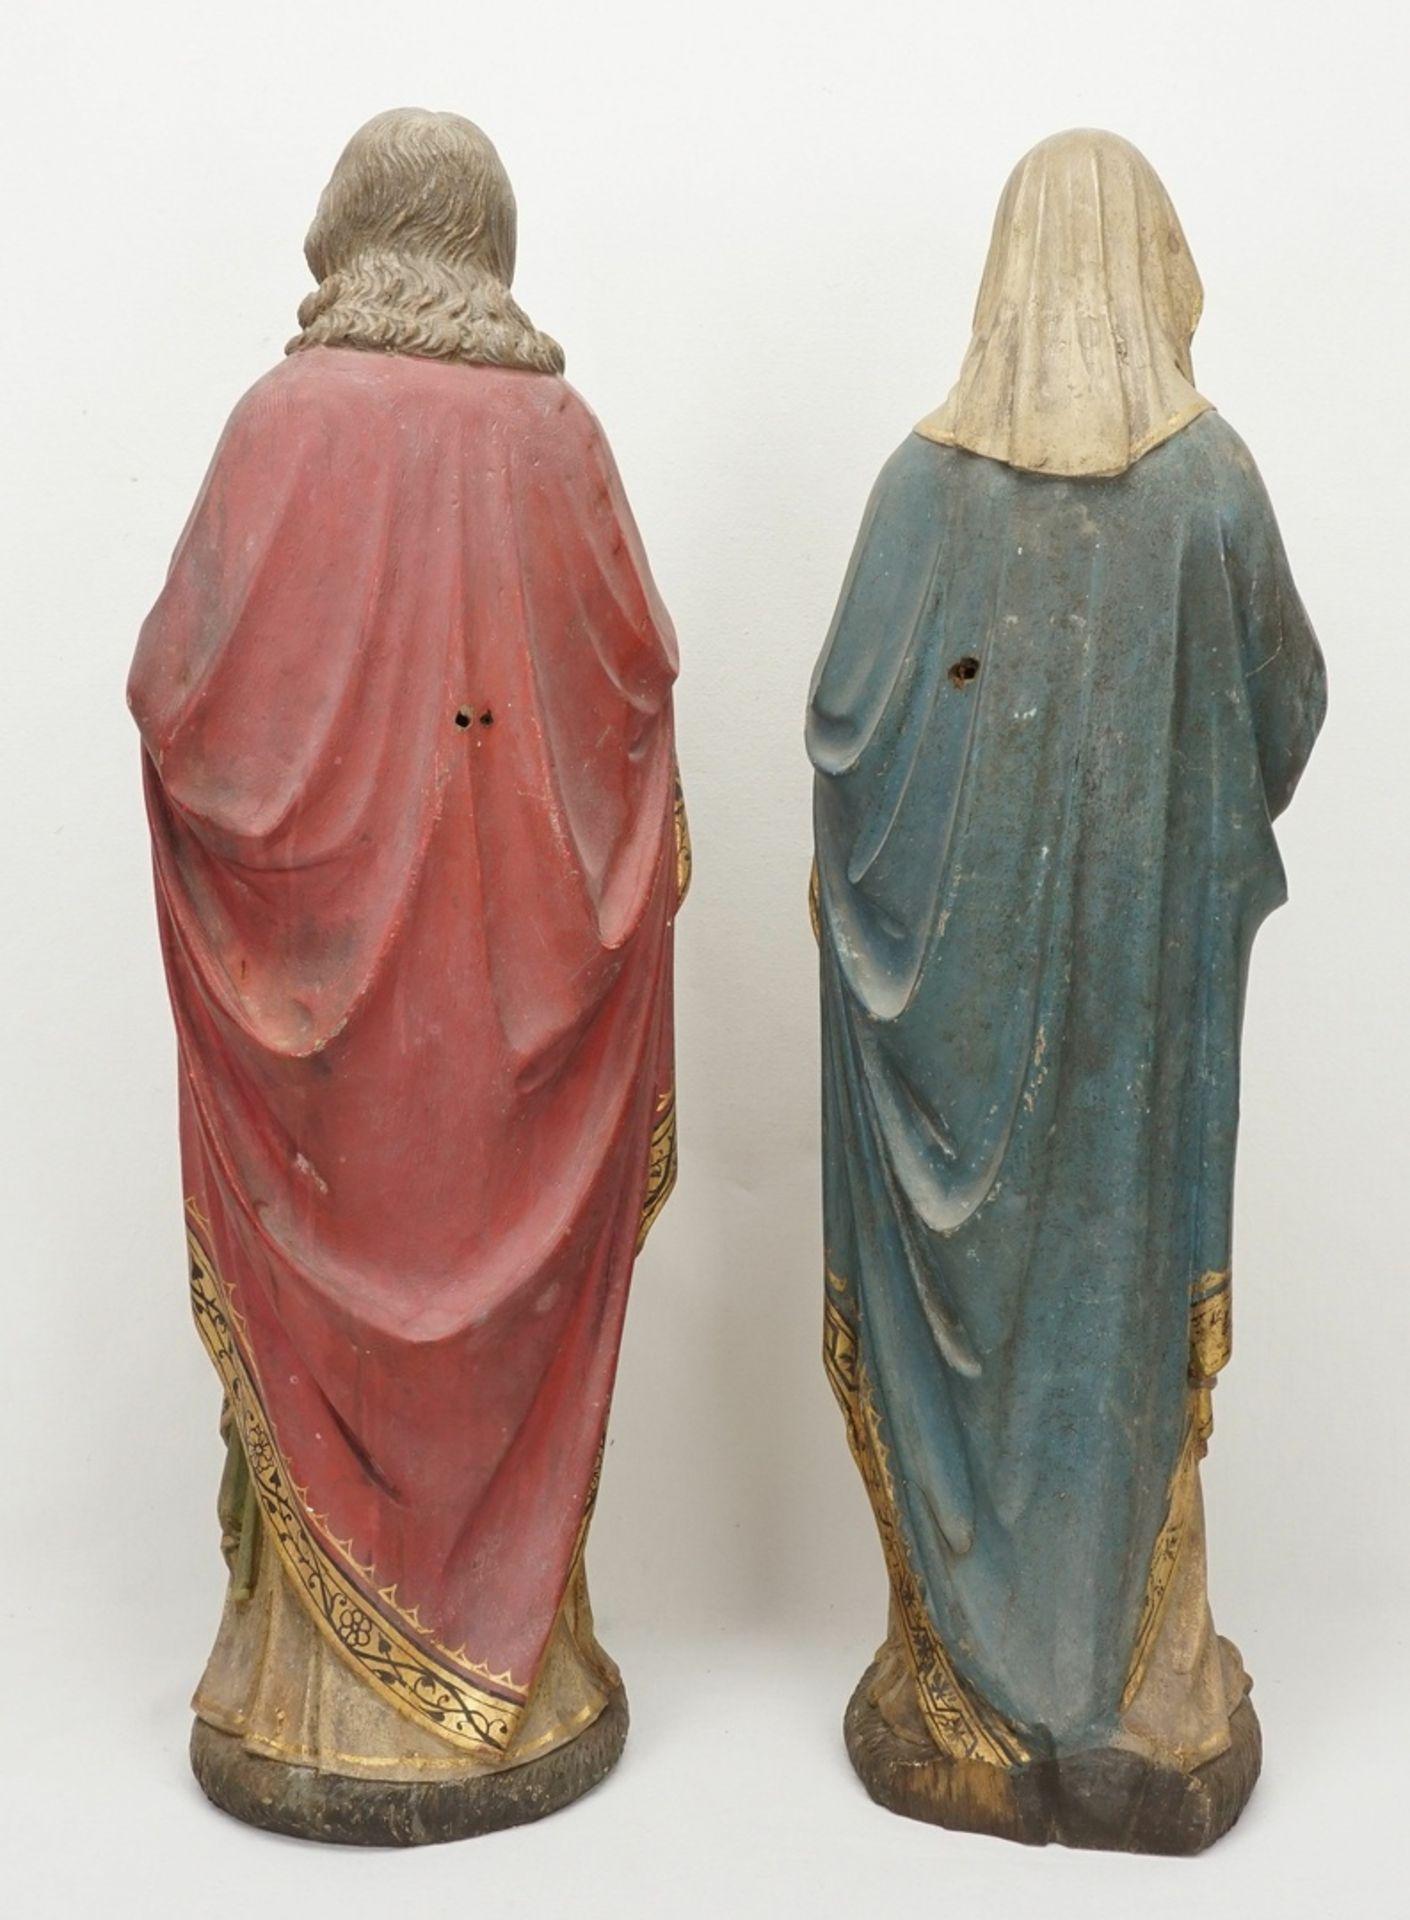 Zwei Holzskulpturen, Jesus und Maria mit brennendem Herzen, 19. Jh. - Bild 2 aus 5